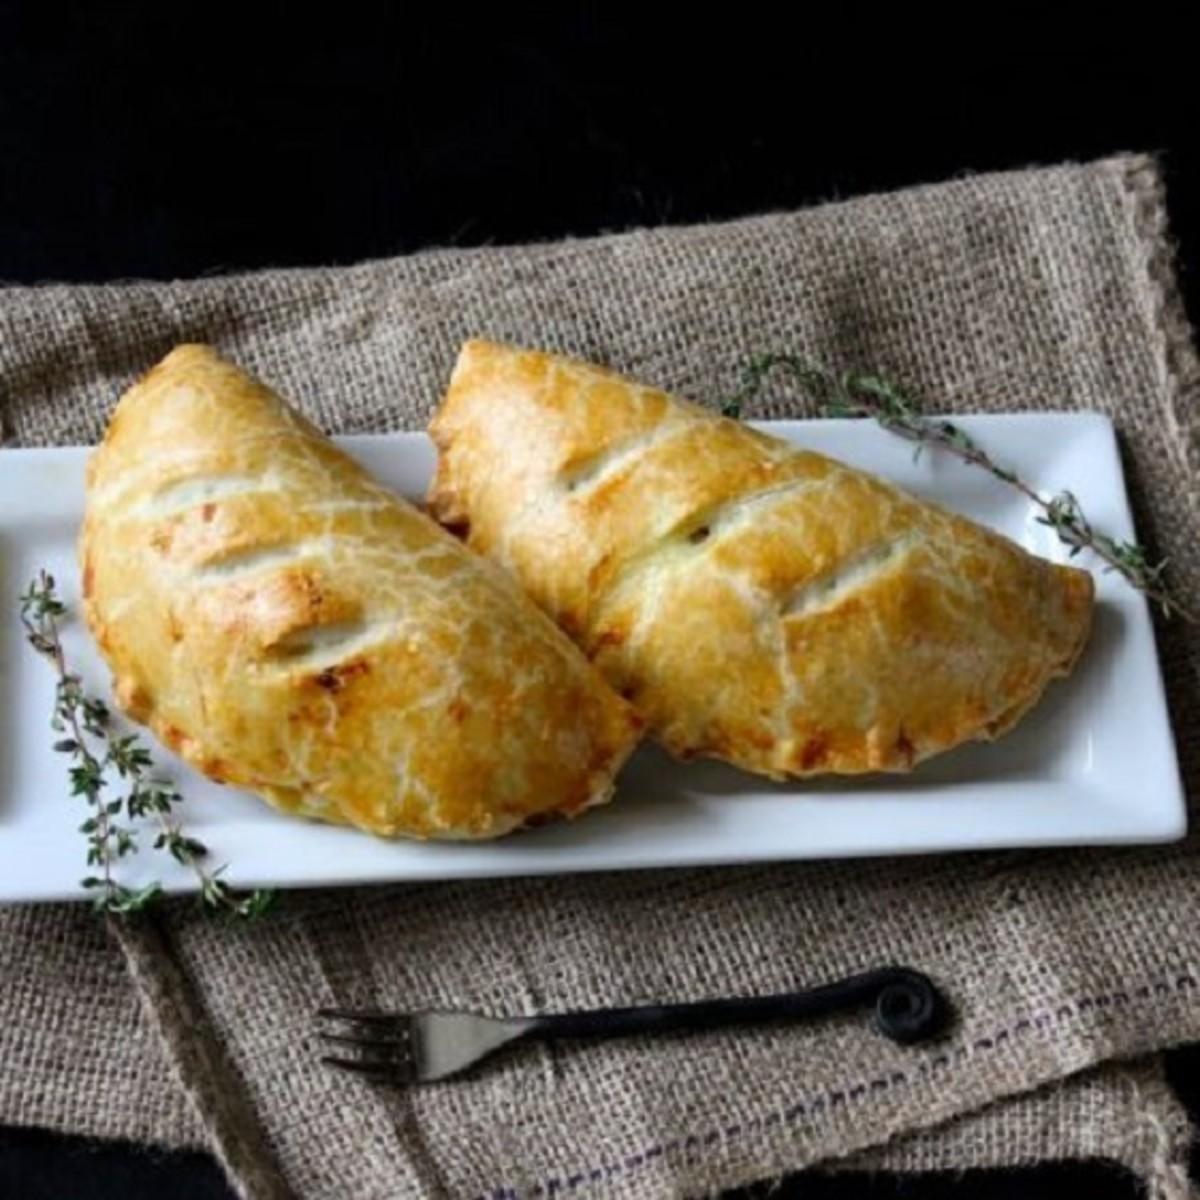 Chicken and leek pasties